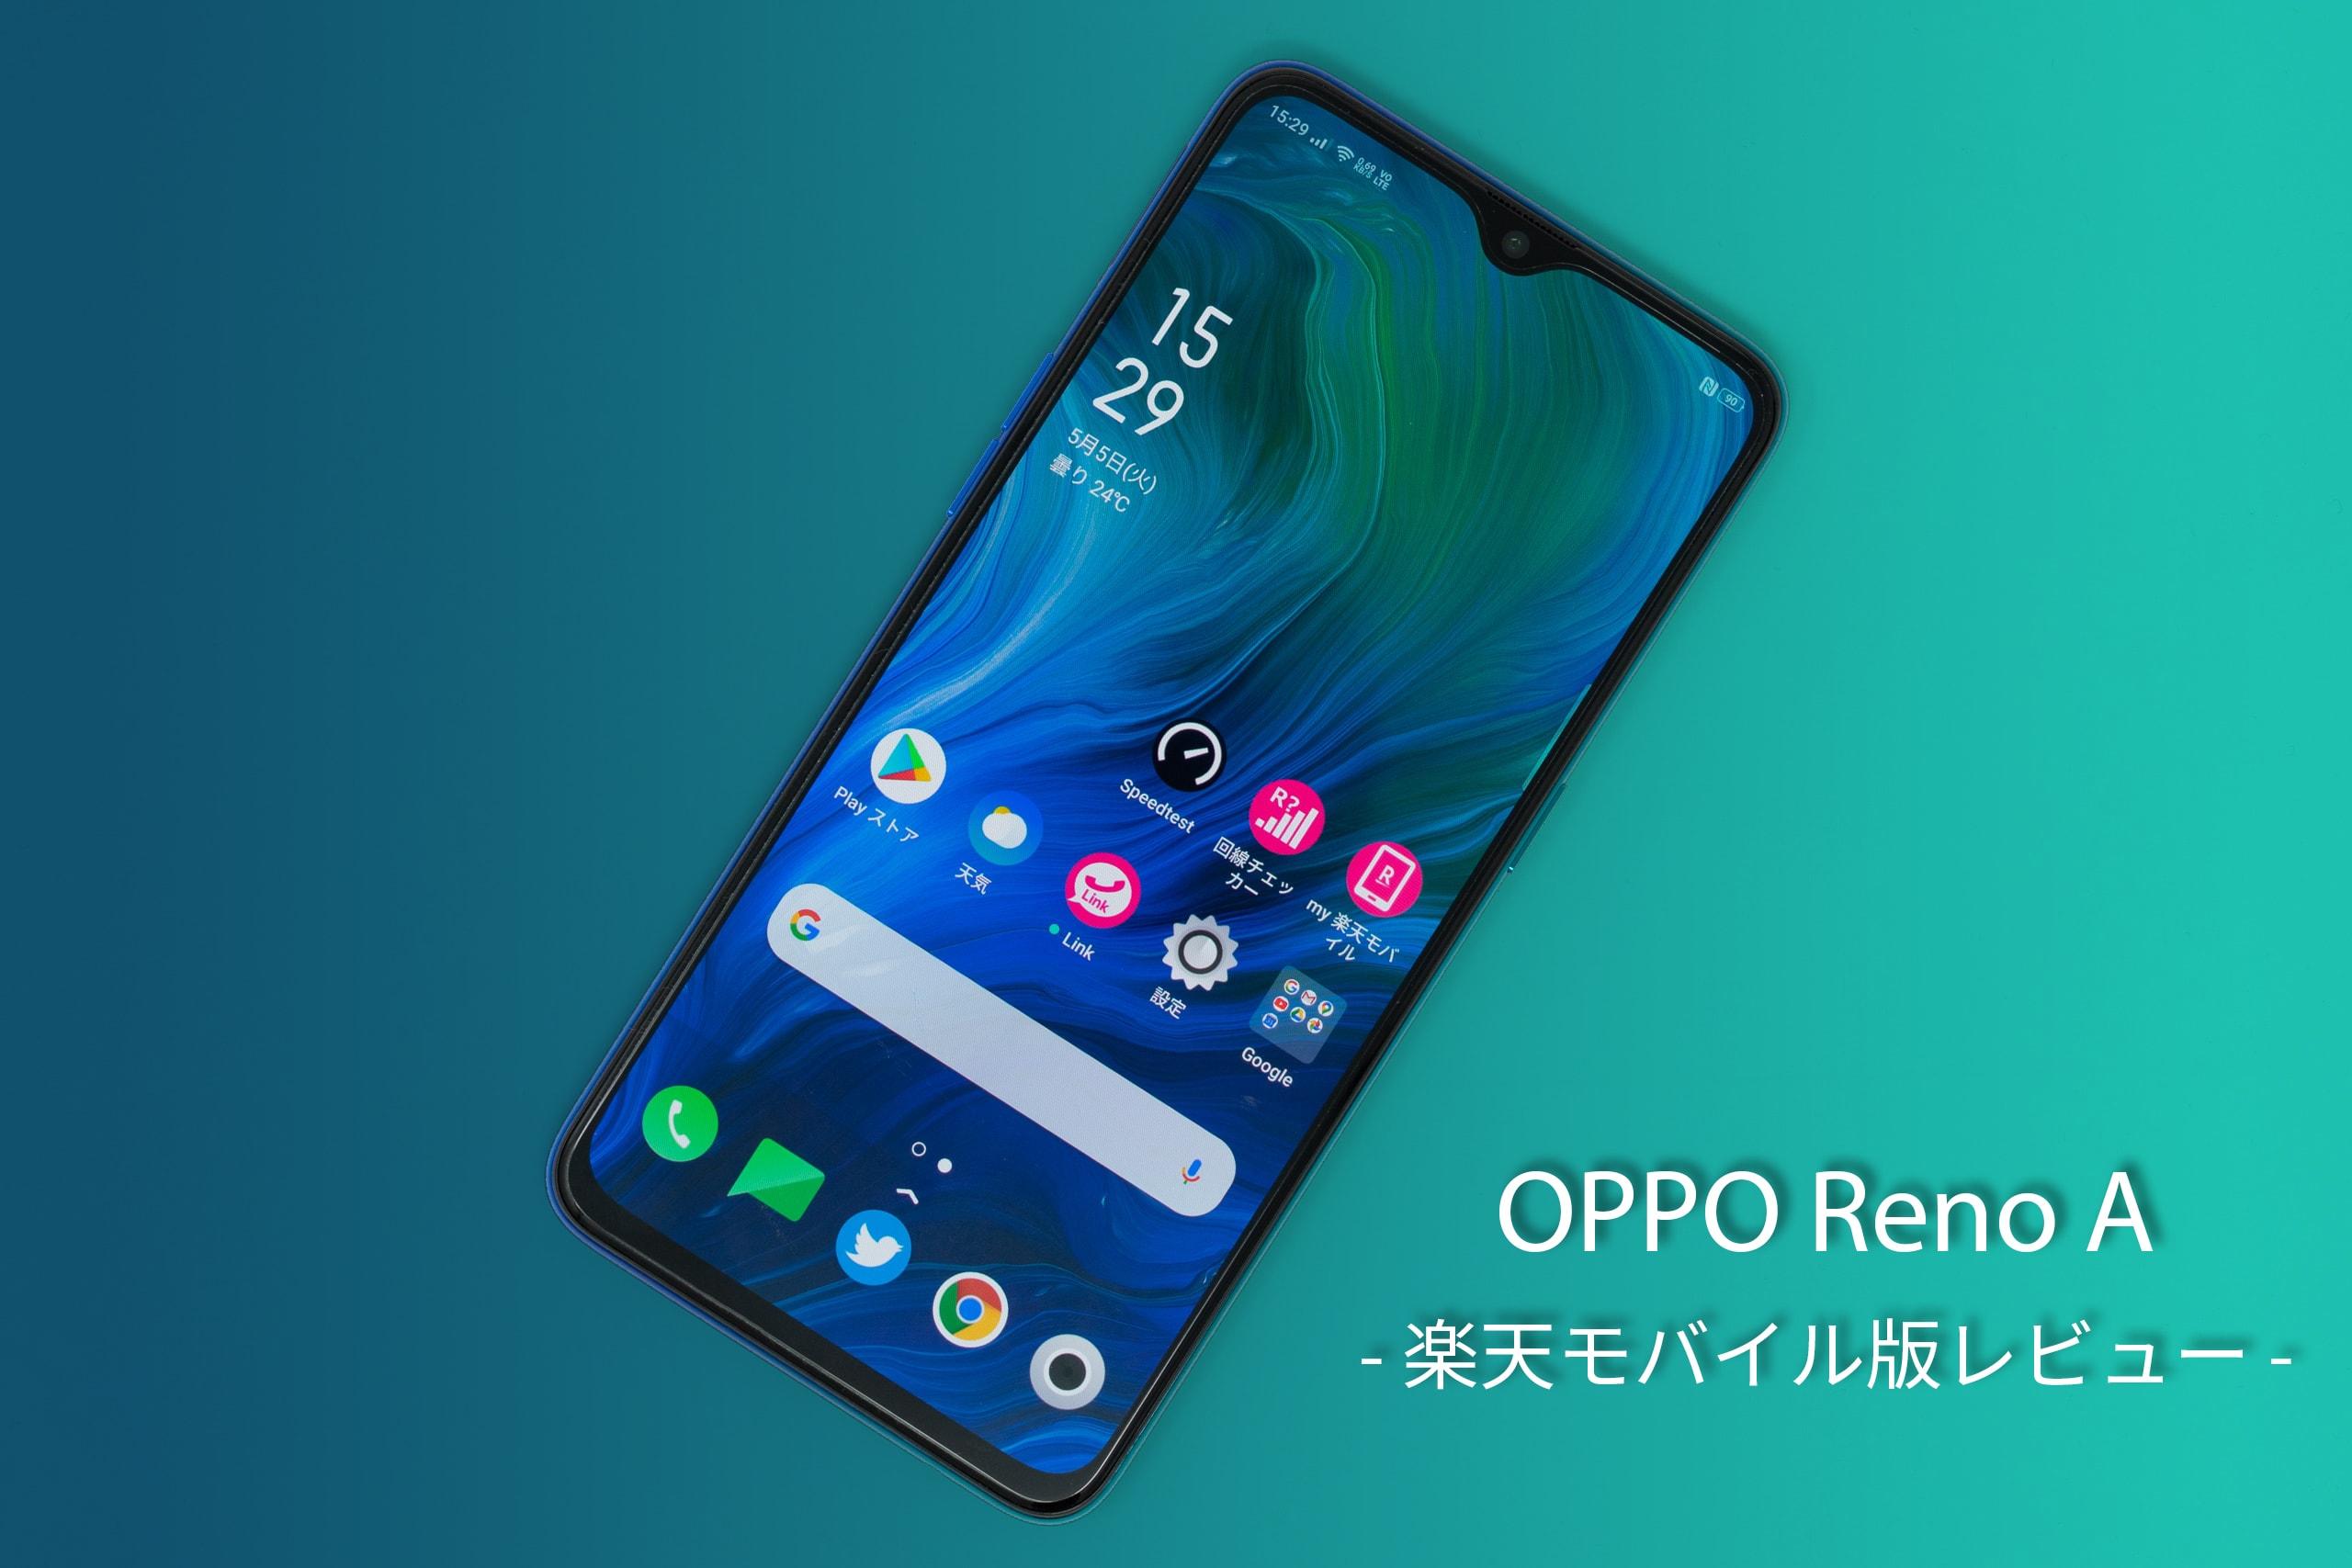 今更ながら楽天モバイル版OPPO Reno Aレビュー